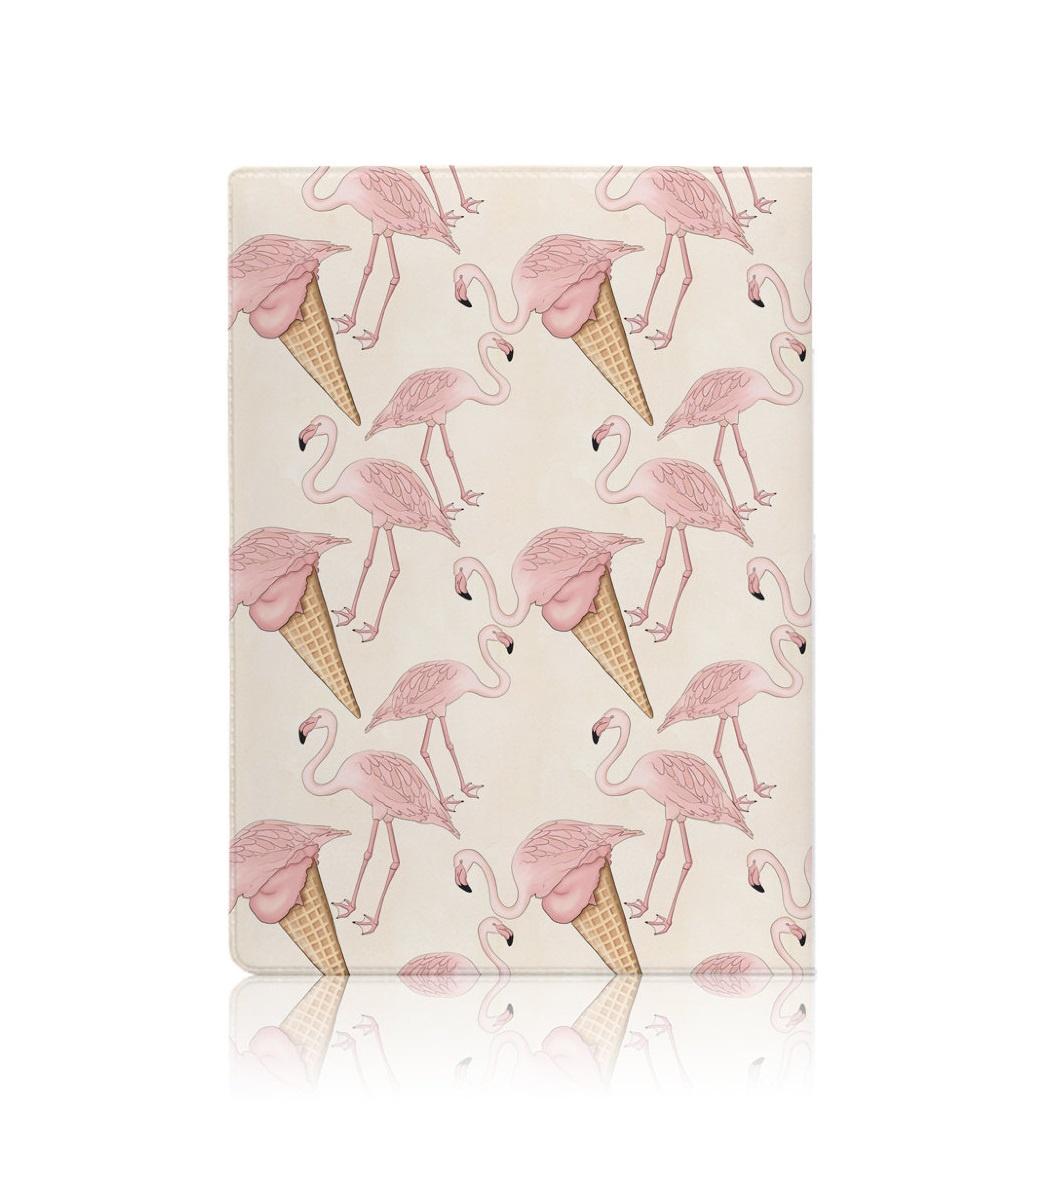 Обложка для документов ilikegift Flamingo Ice cream обложка для паспорта printio ice cream